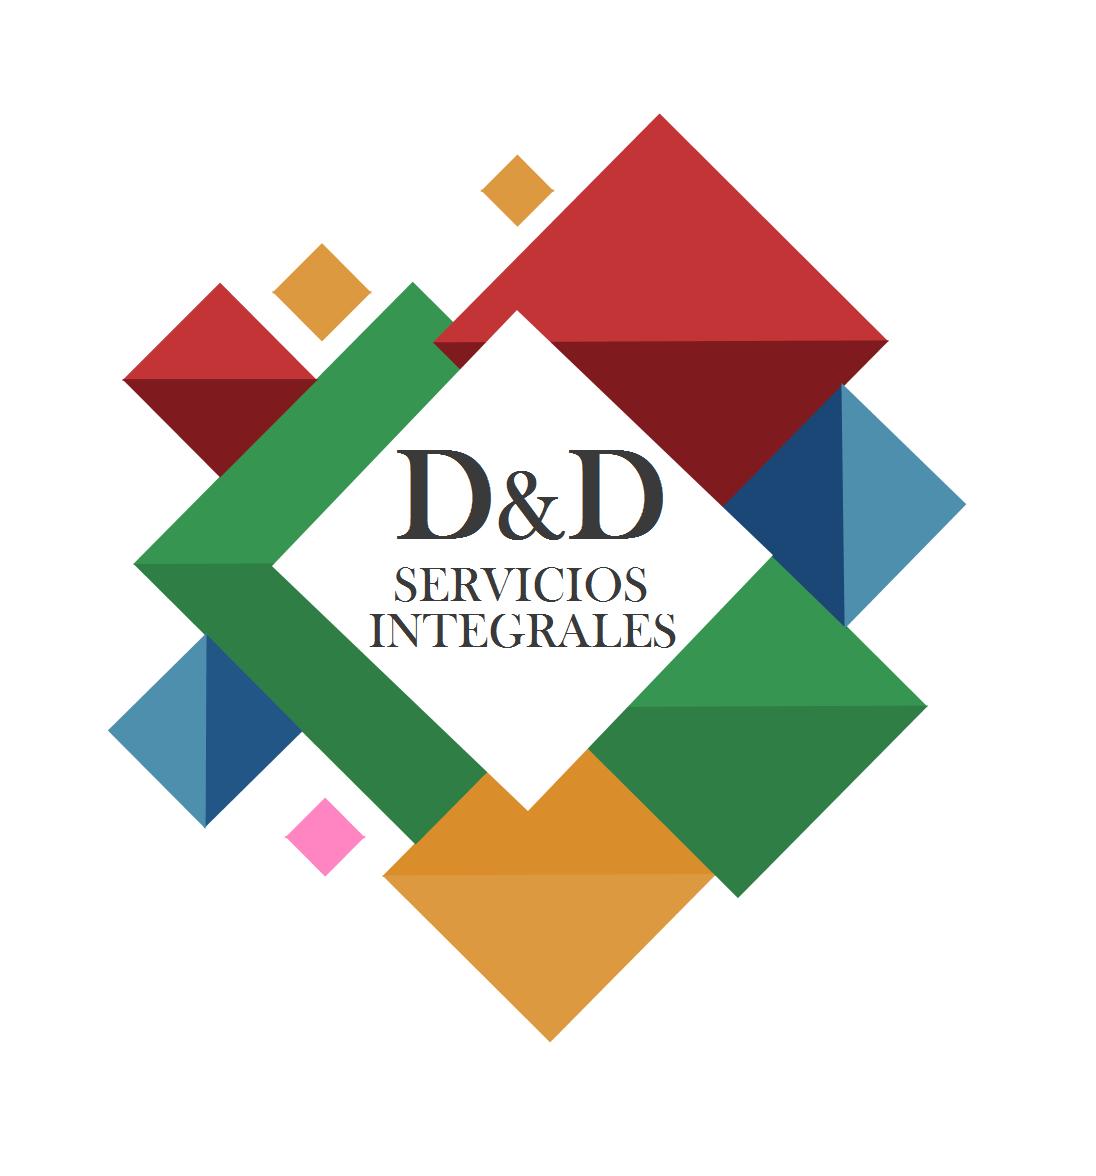 LOTUS D&D SERVICIOS INTEGRALES, S.L.